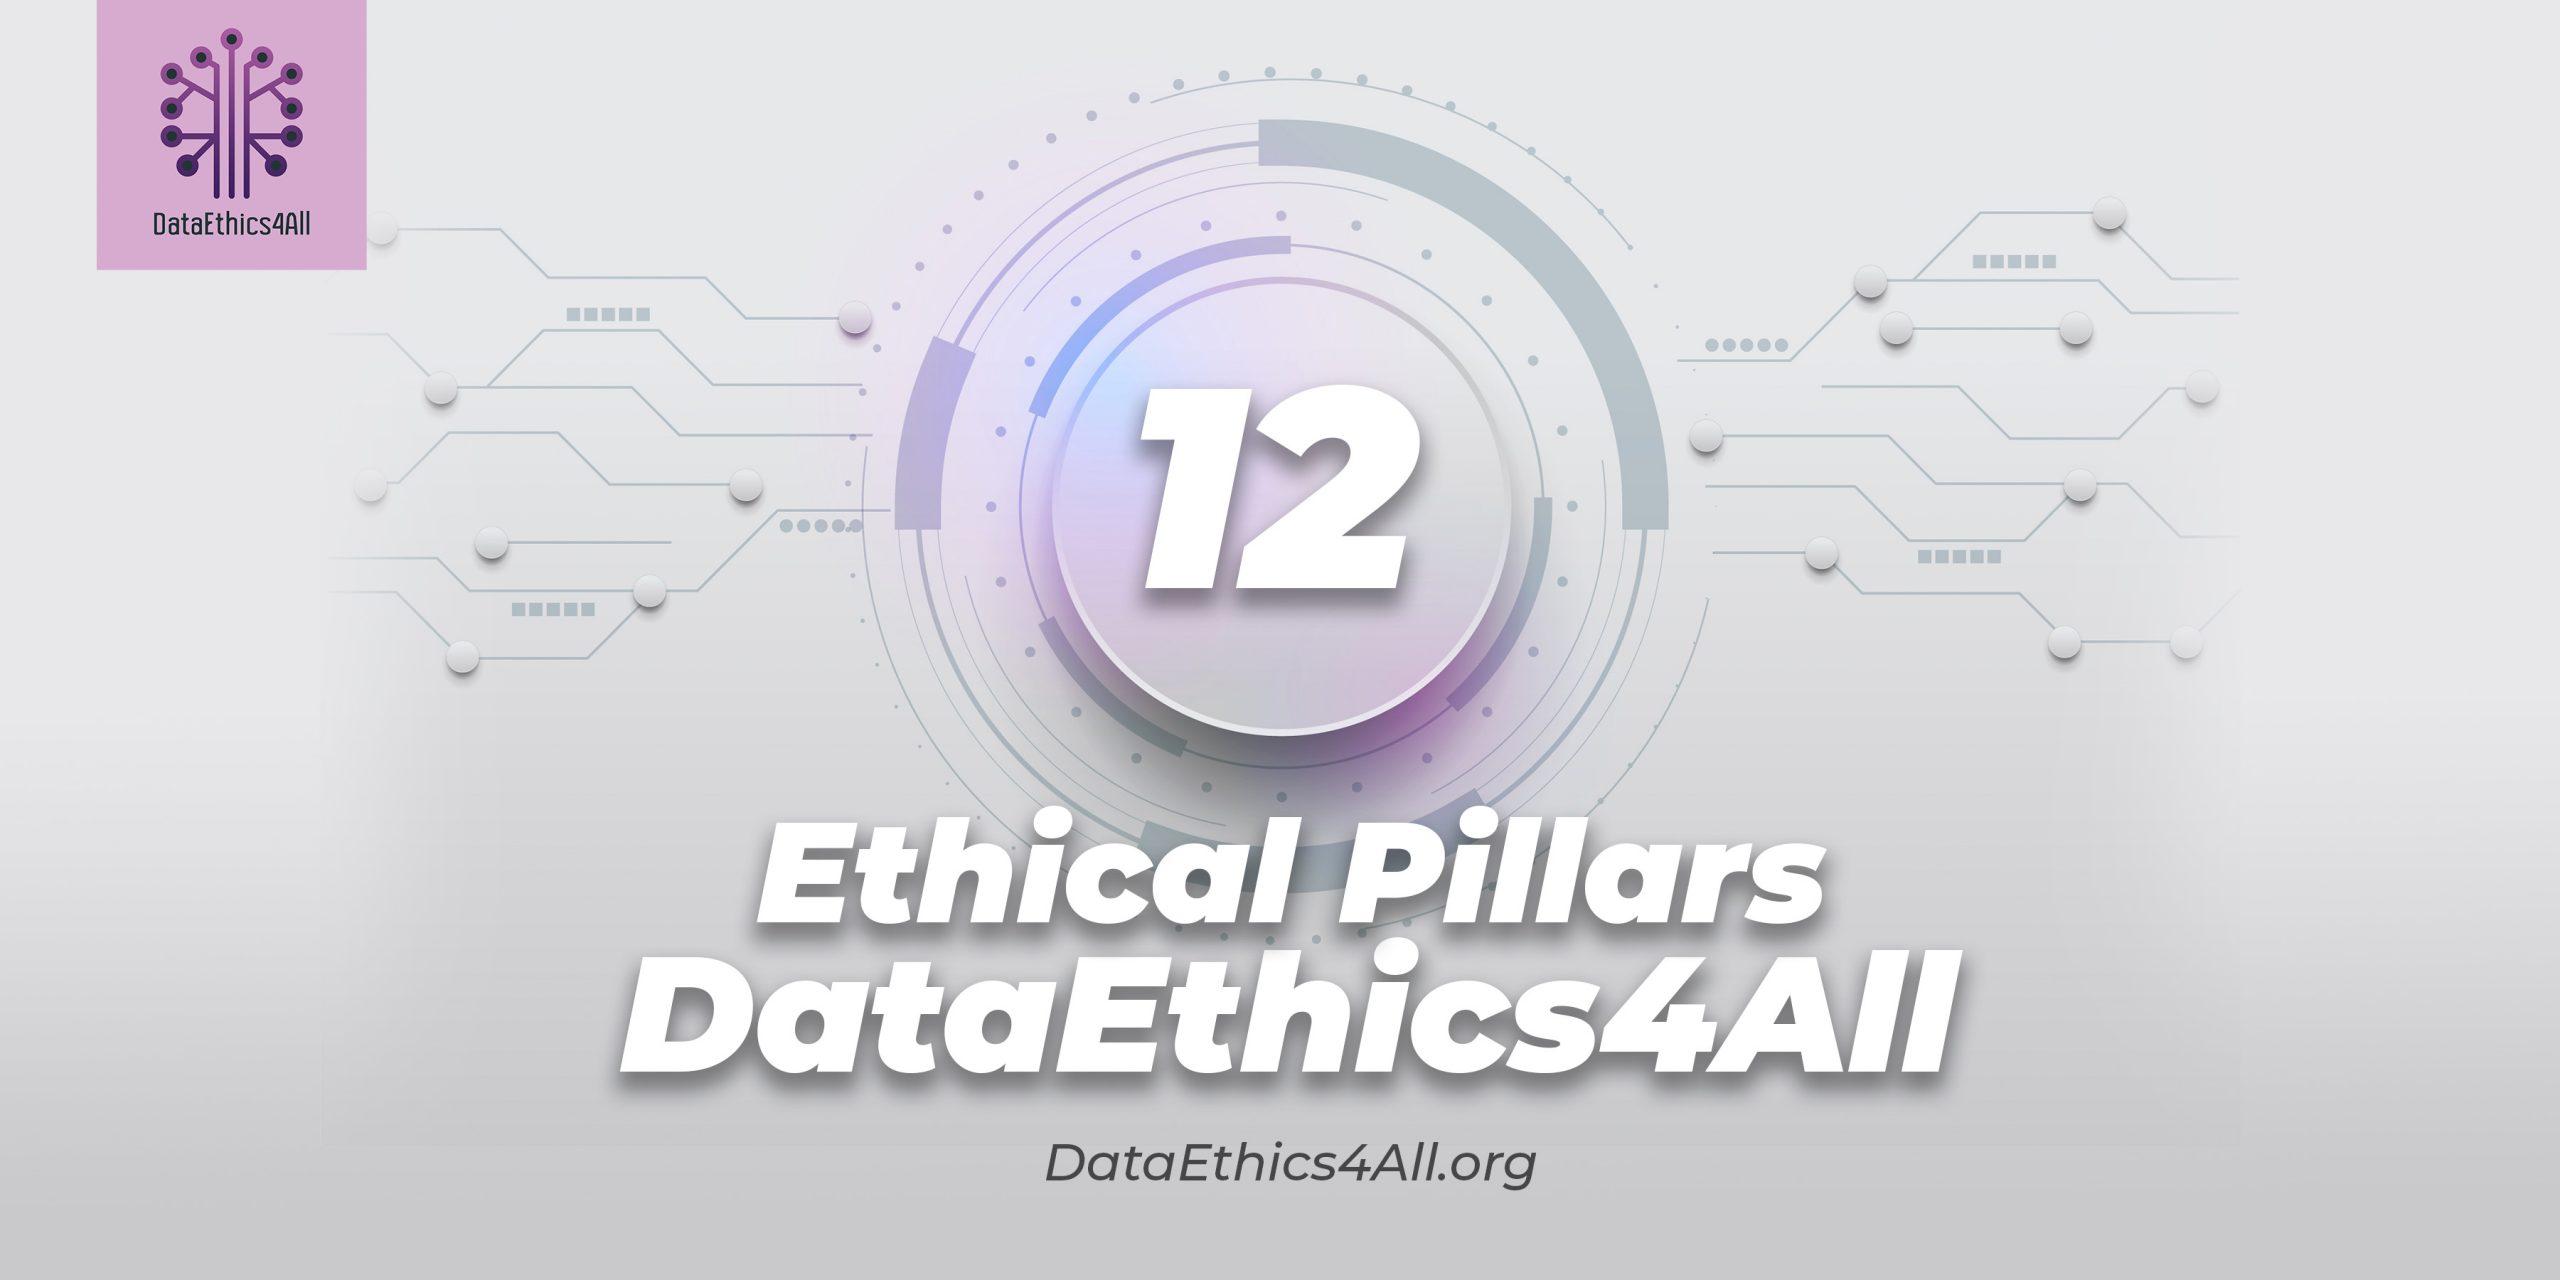 DataEthics4All-12-Ethical-Pillars